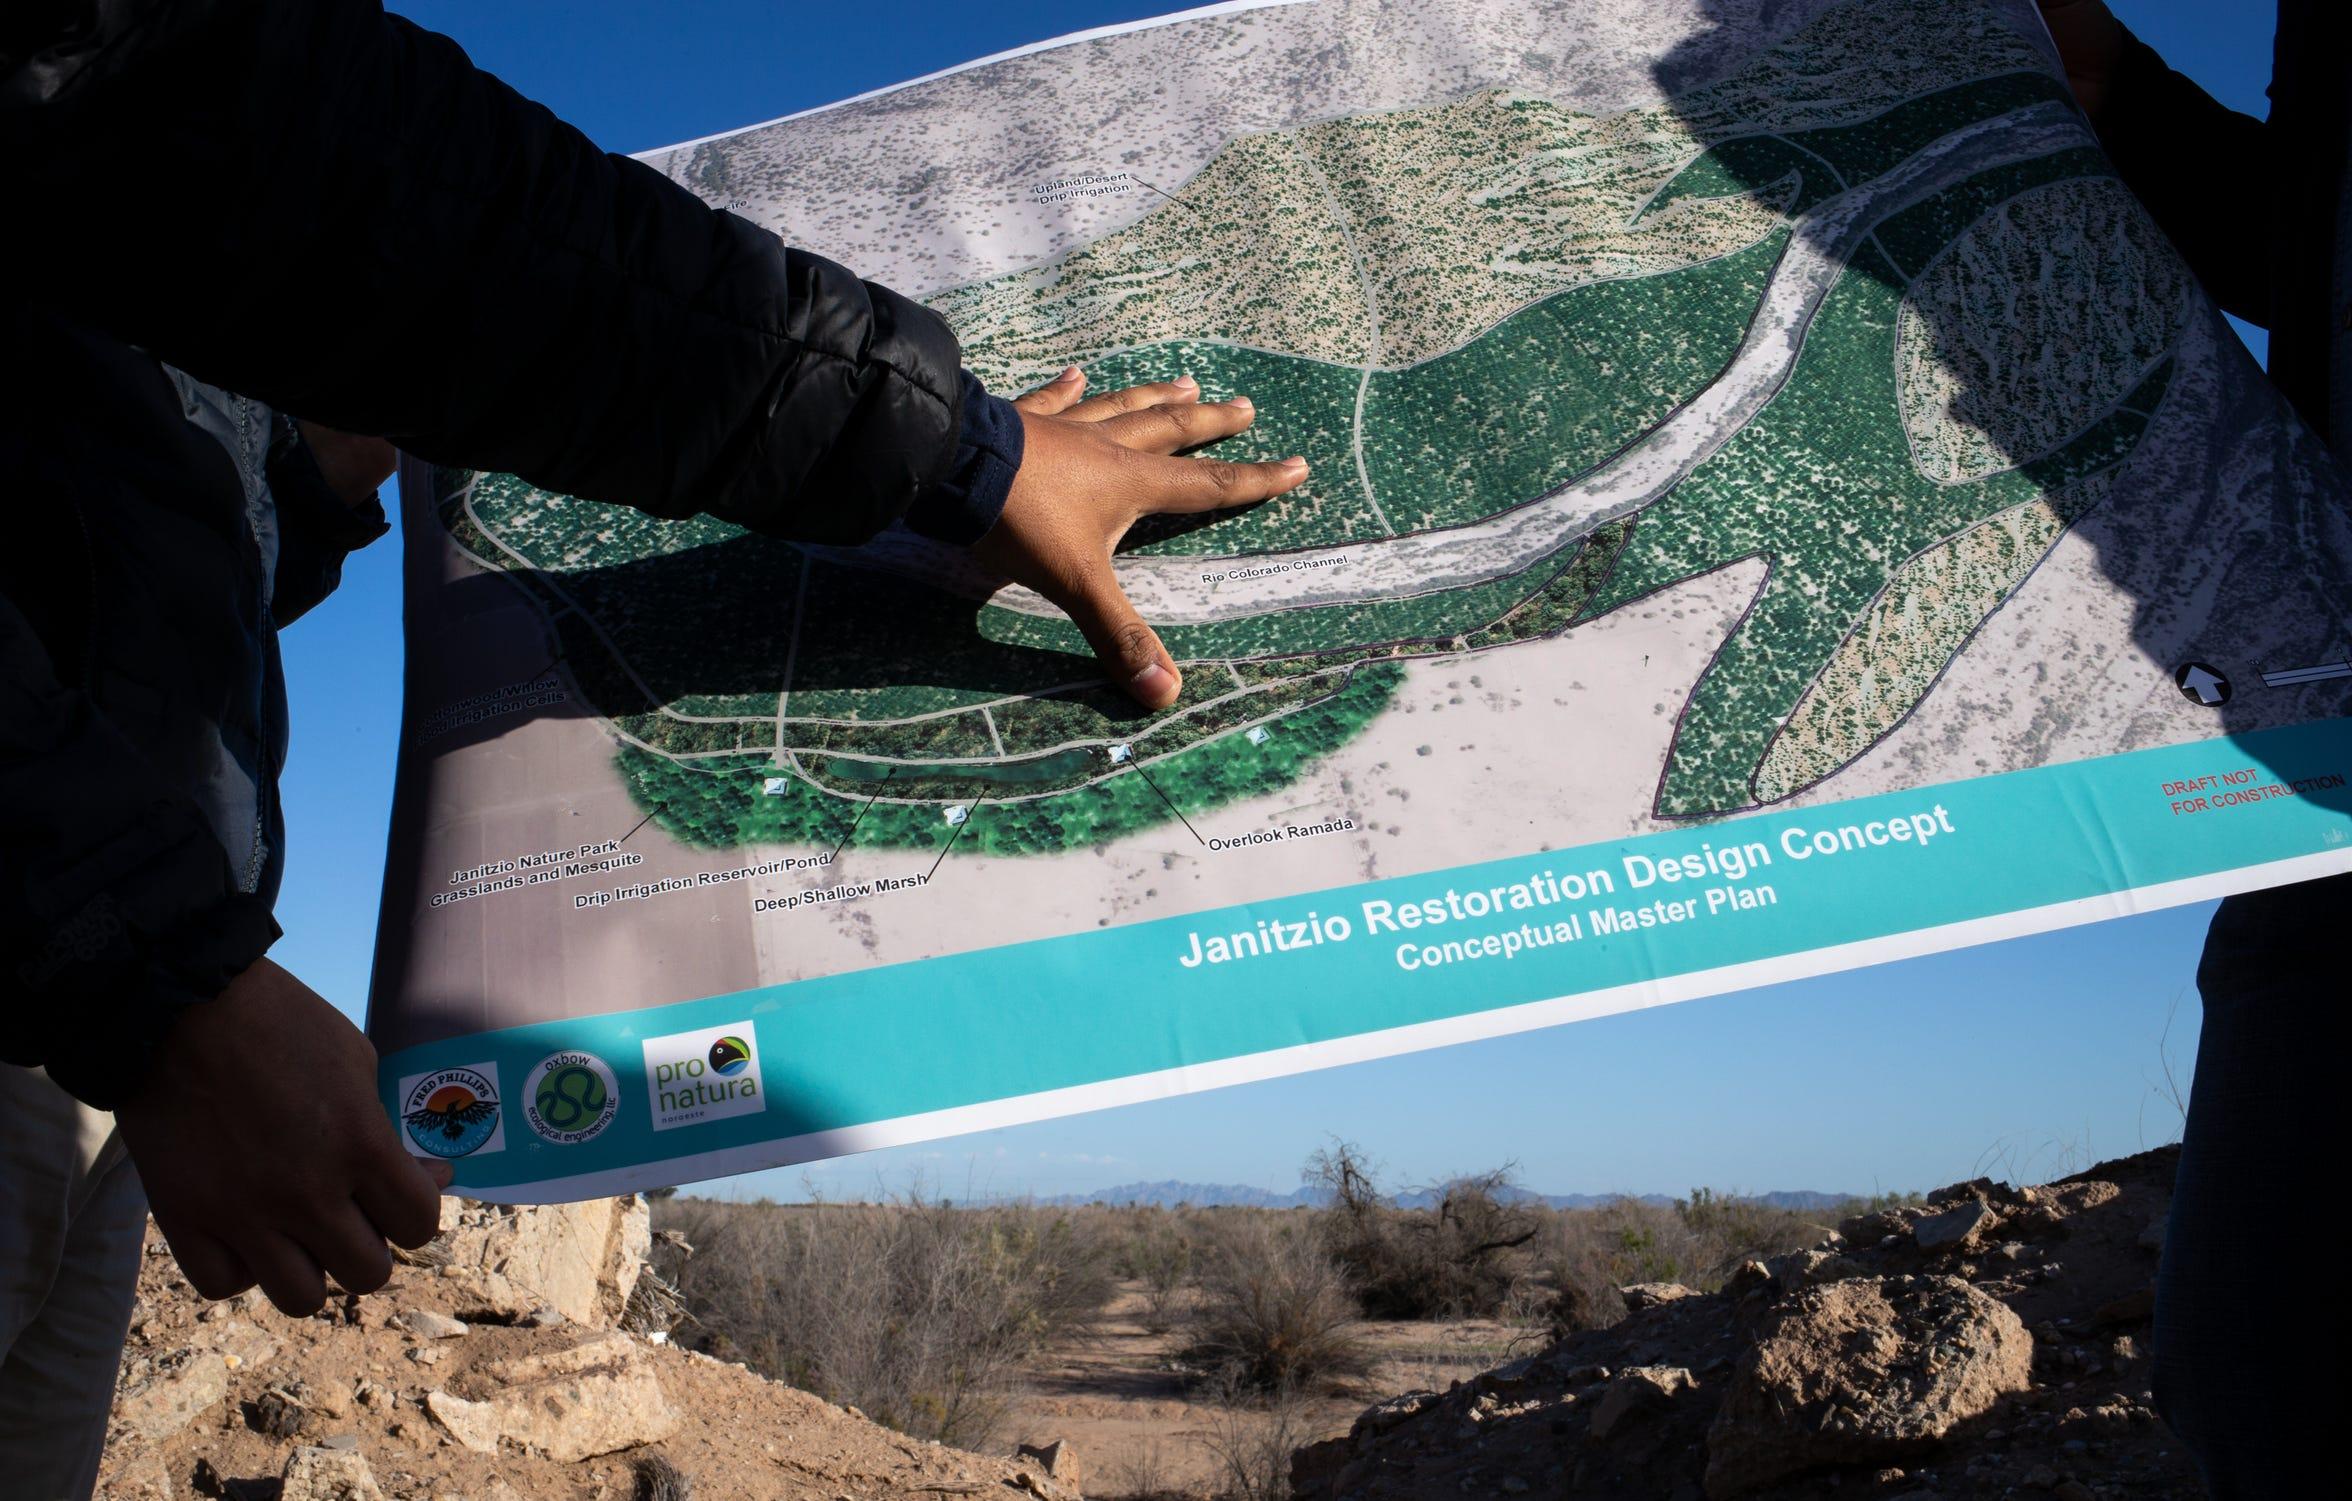 Alberto Ruiz de Pronatura Noroeste habla sobre el sitio propuesto para la restauración de Janitzio en Baja California, México.